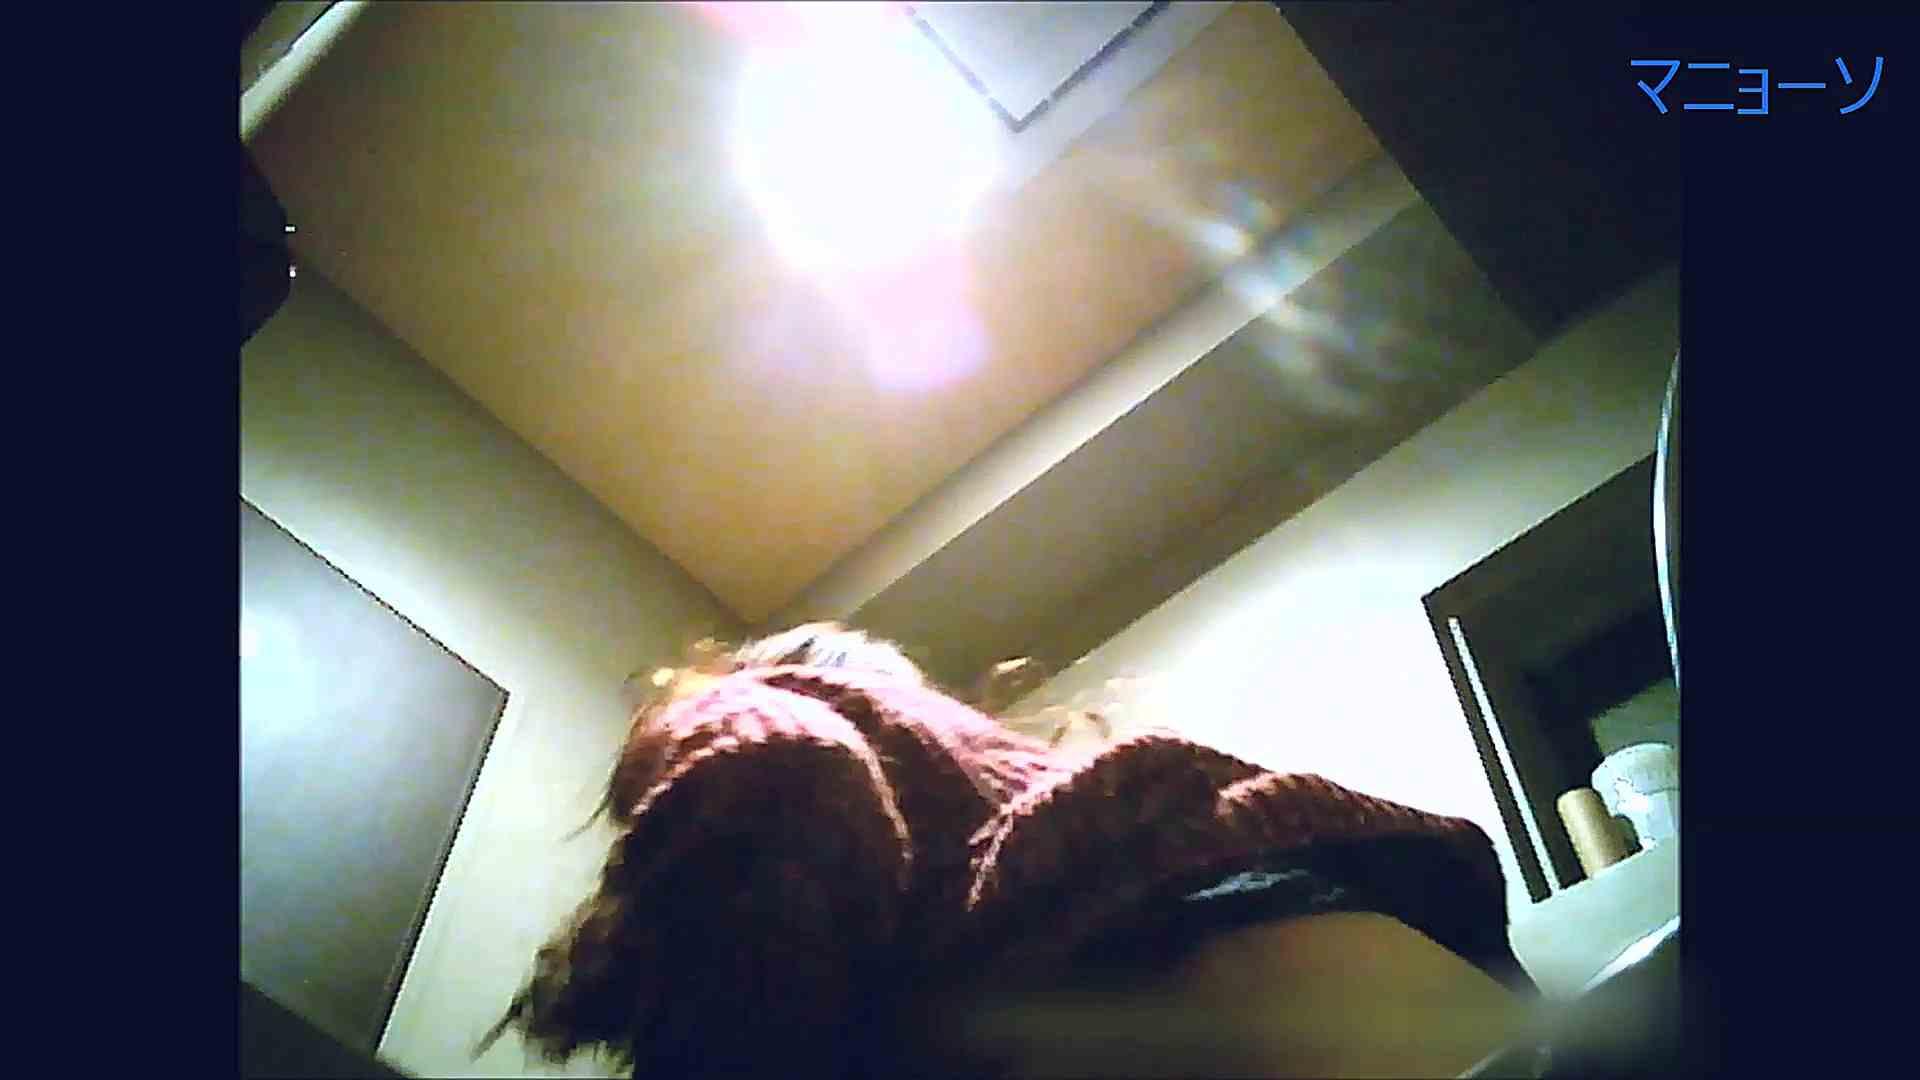 トイレでひと肌脱いでもらいました (OL編)Vol.13 トイレ | OLの実態  95pic 79